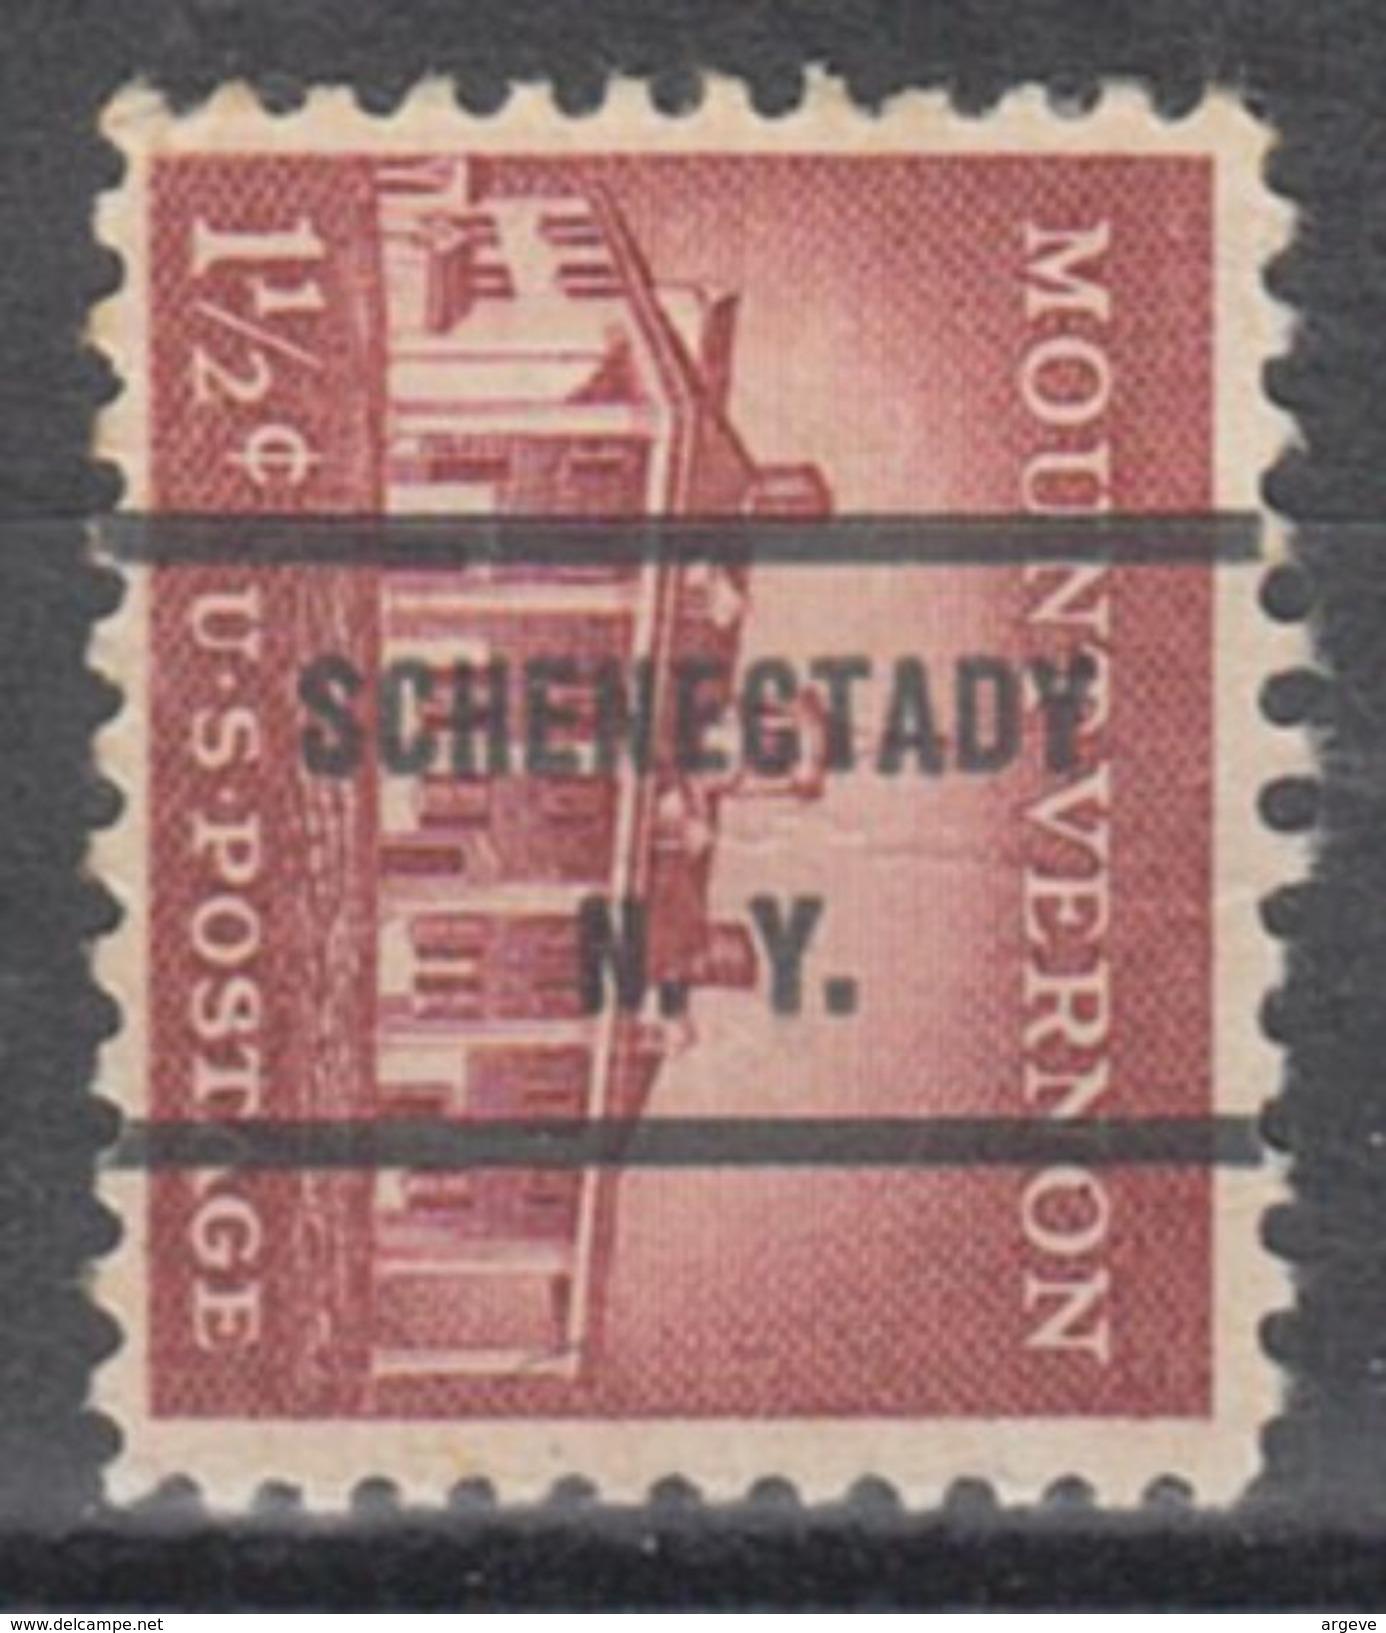 USA Precancel Vorausentwertung Preo, Bureau New York, Schenectady 1032-71 - Vorausentwertungen